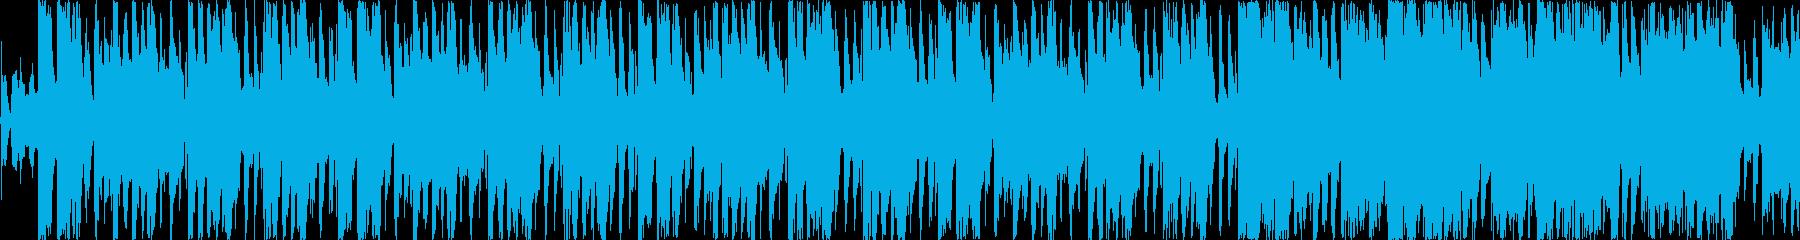 明るいロック、ブルース シンキングタイムの再生済みの波形